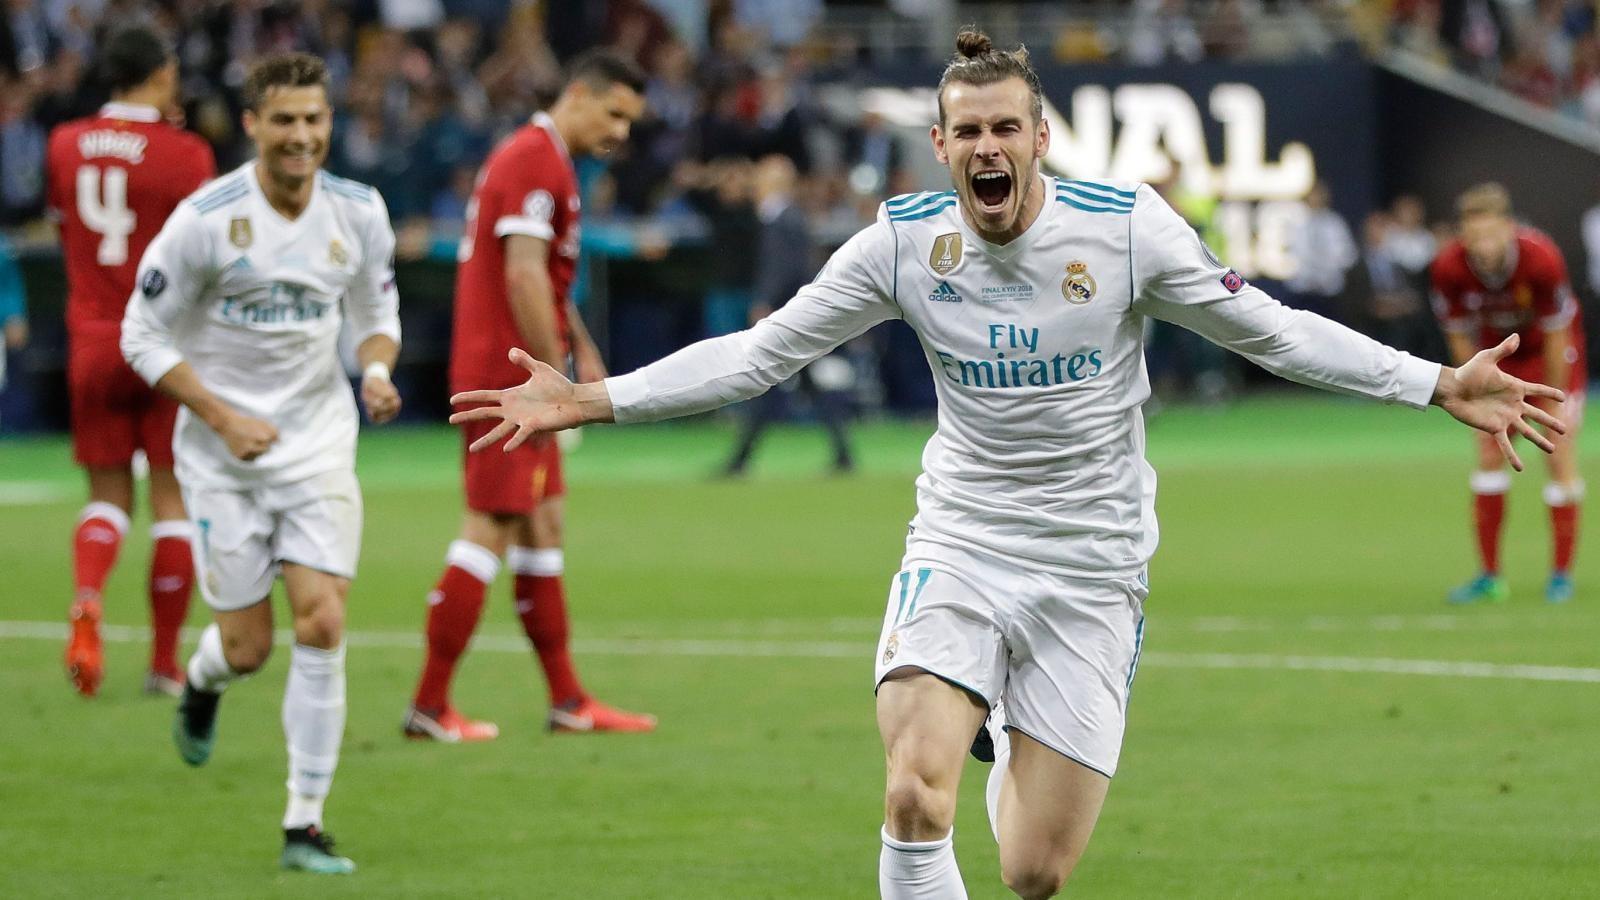 VIDEO: Bale ghi siêu phẩm không thể tin nổi trong PES 2021